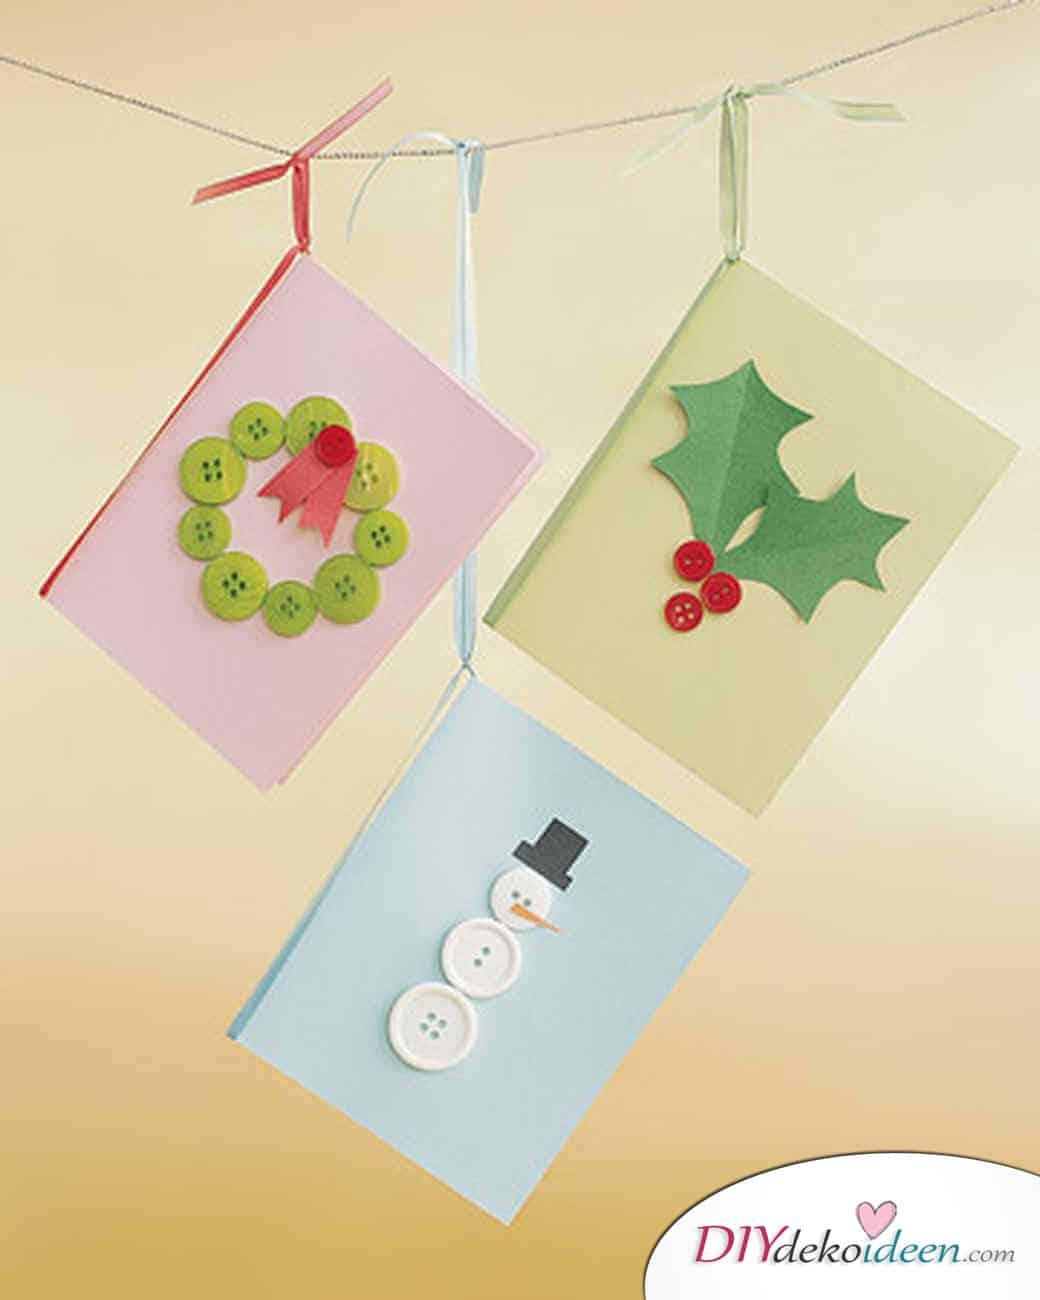 Weihnachtsbasteln mit Kindern - 15 Ideen - basteln mit Kindern - Karten basteln - Weihnachten